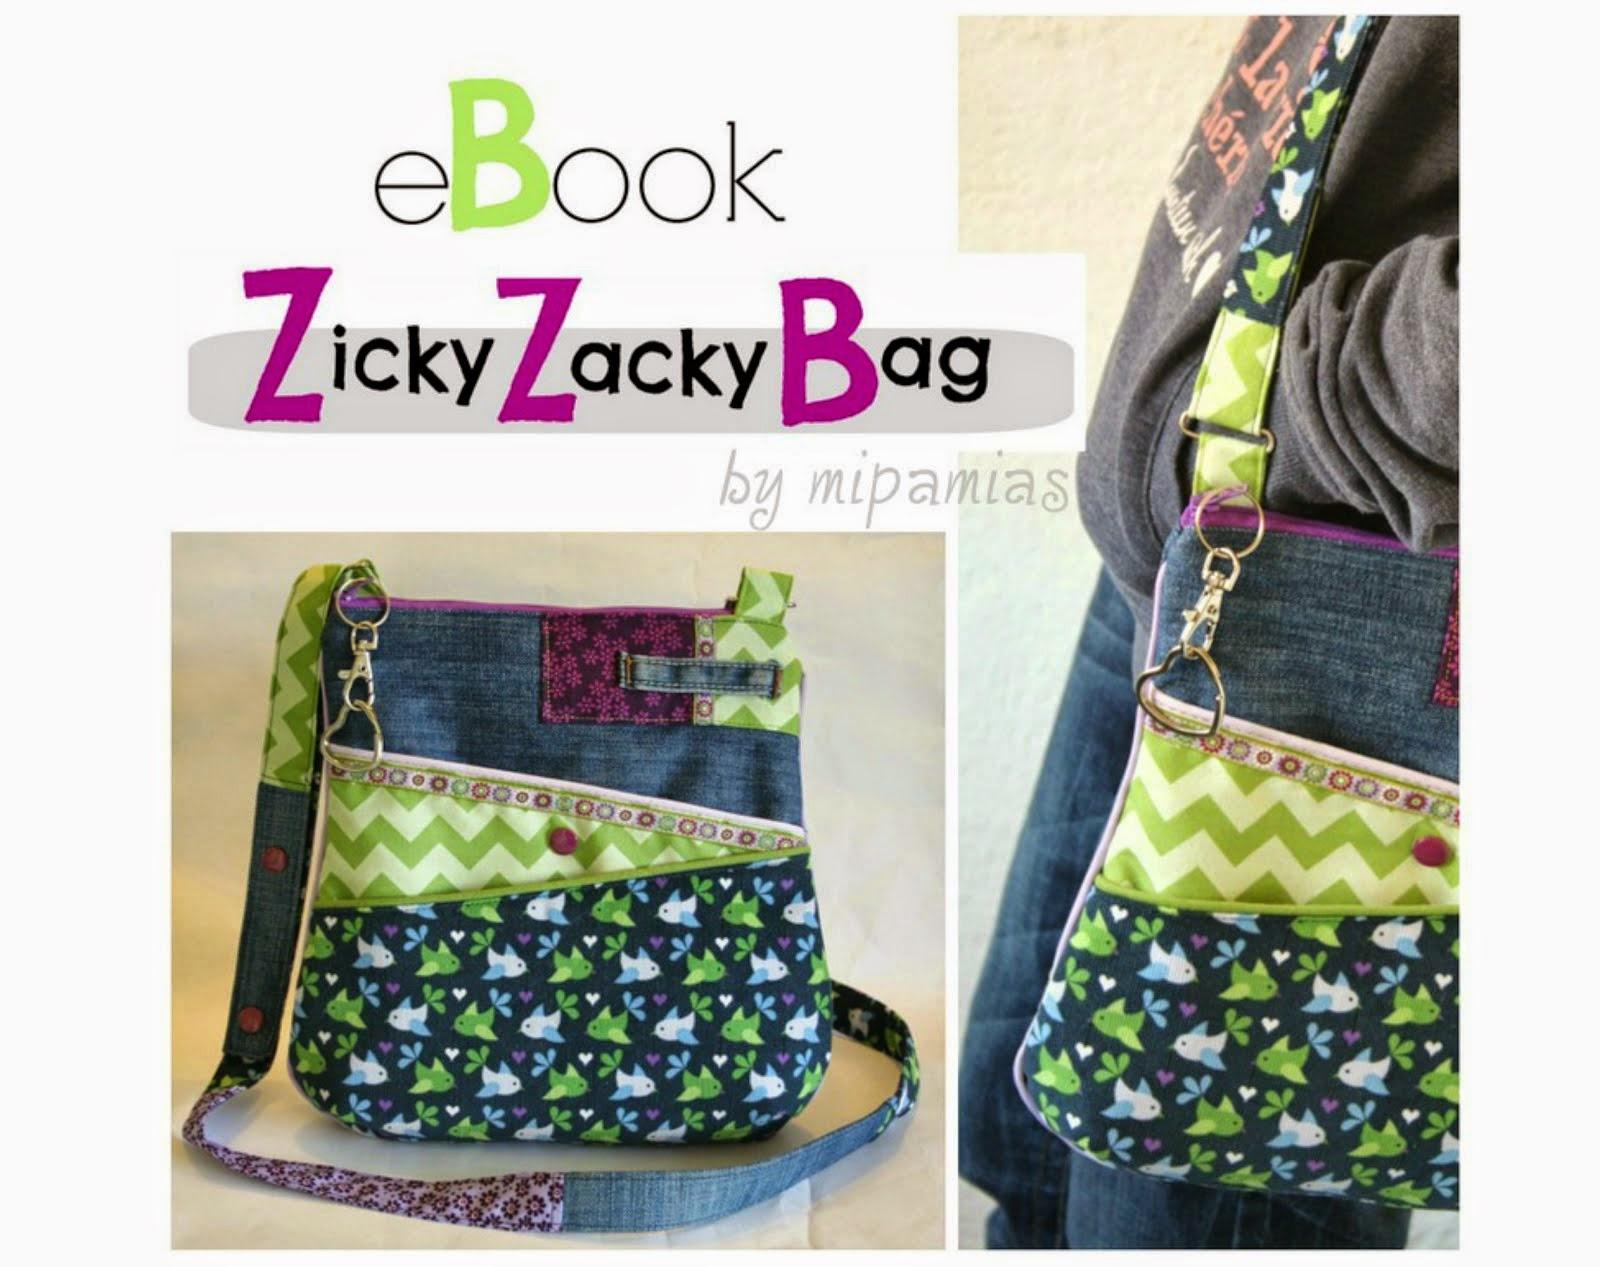 eBook ZickyZackyBag